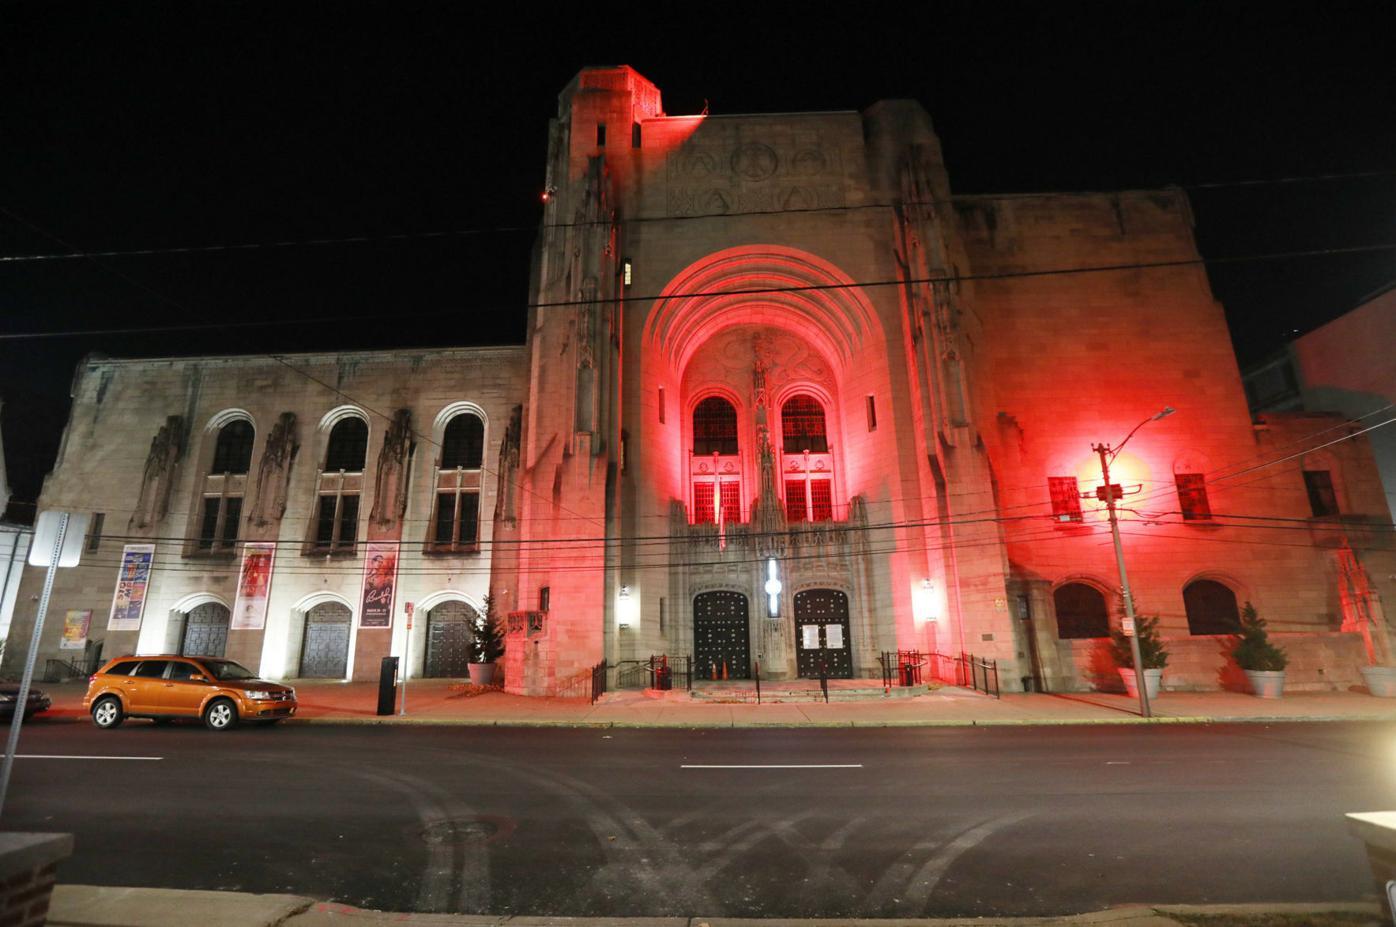 Scranton Cultural Center at The Masonic Temple